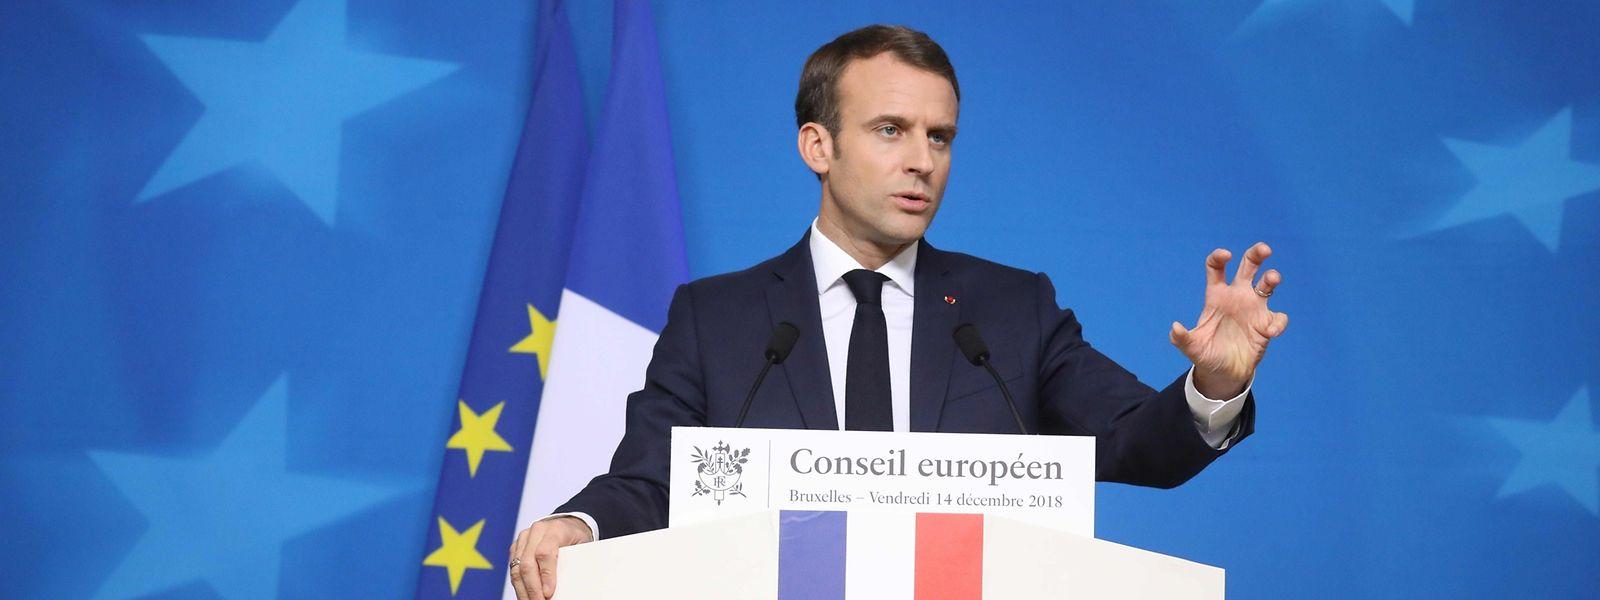 Emmanuel Macron kommt seinem Ziel eine eigenen Euroraum-Budget nur langsam näher.